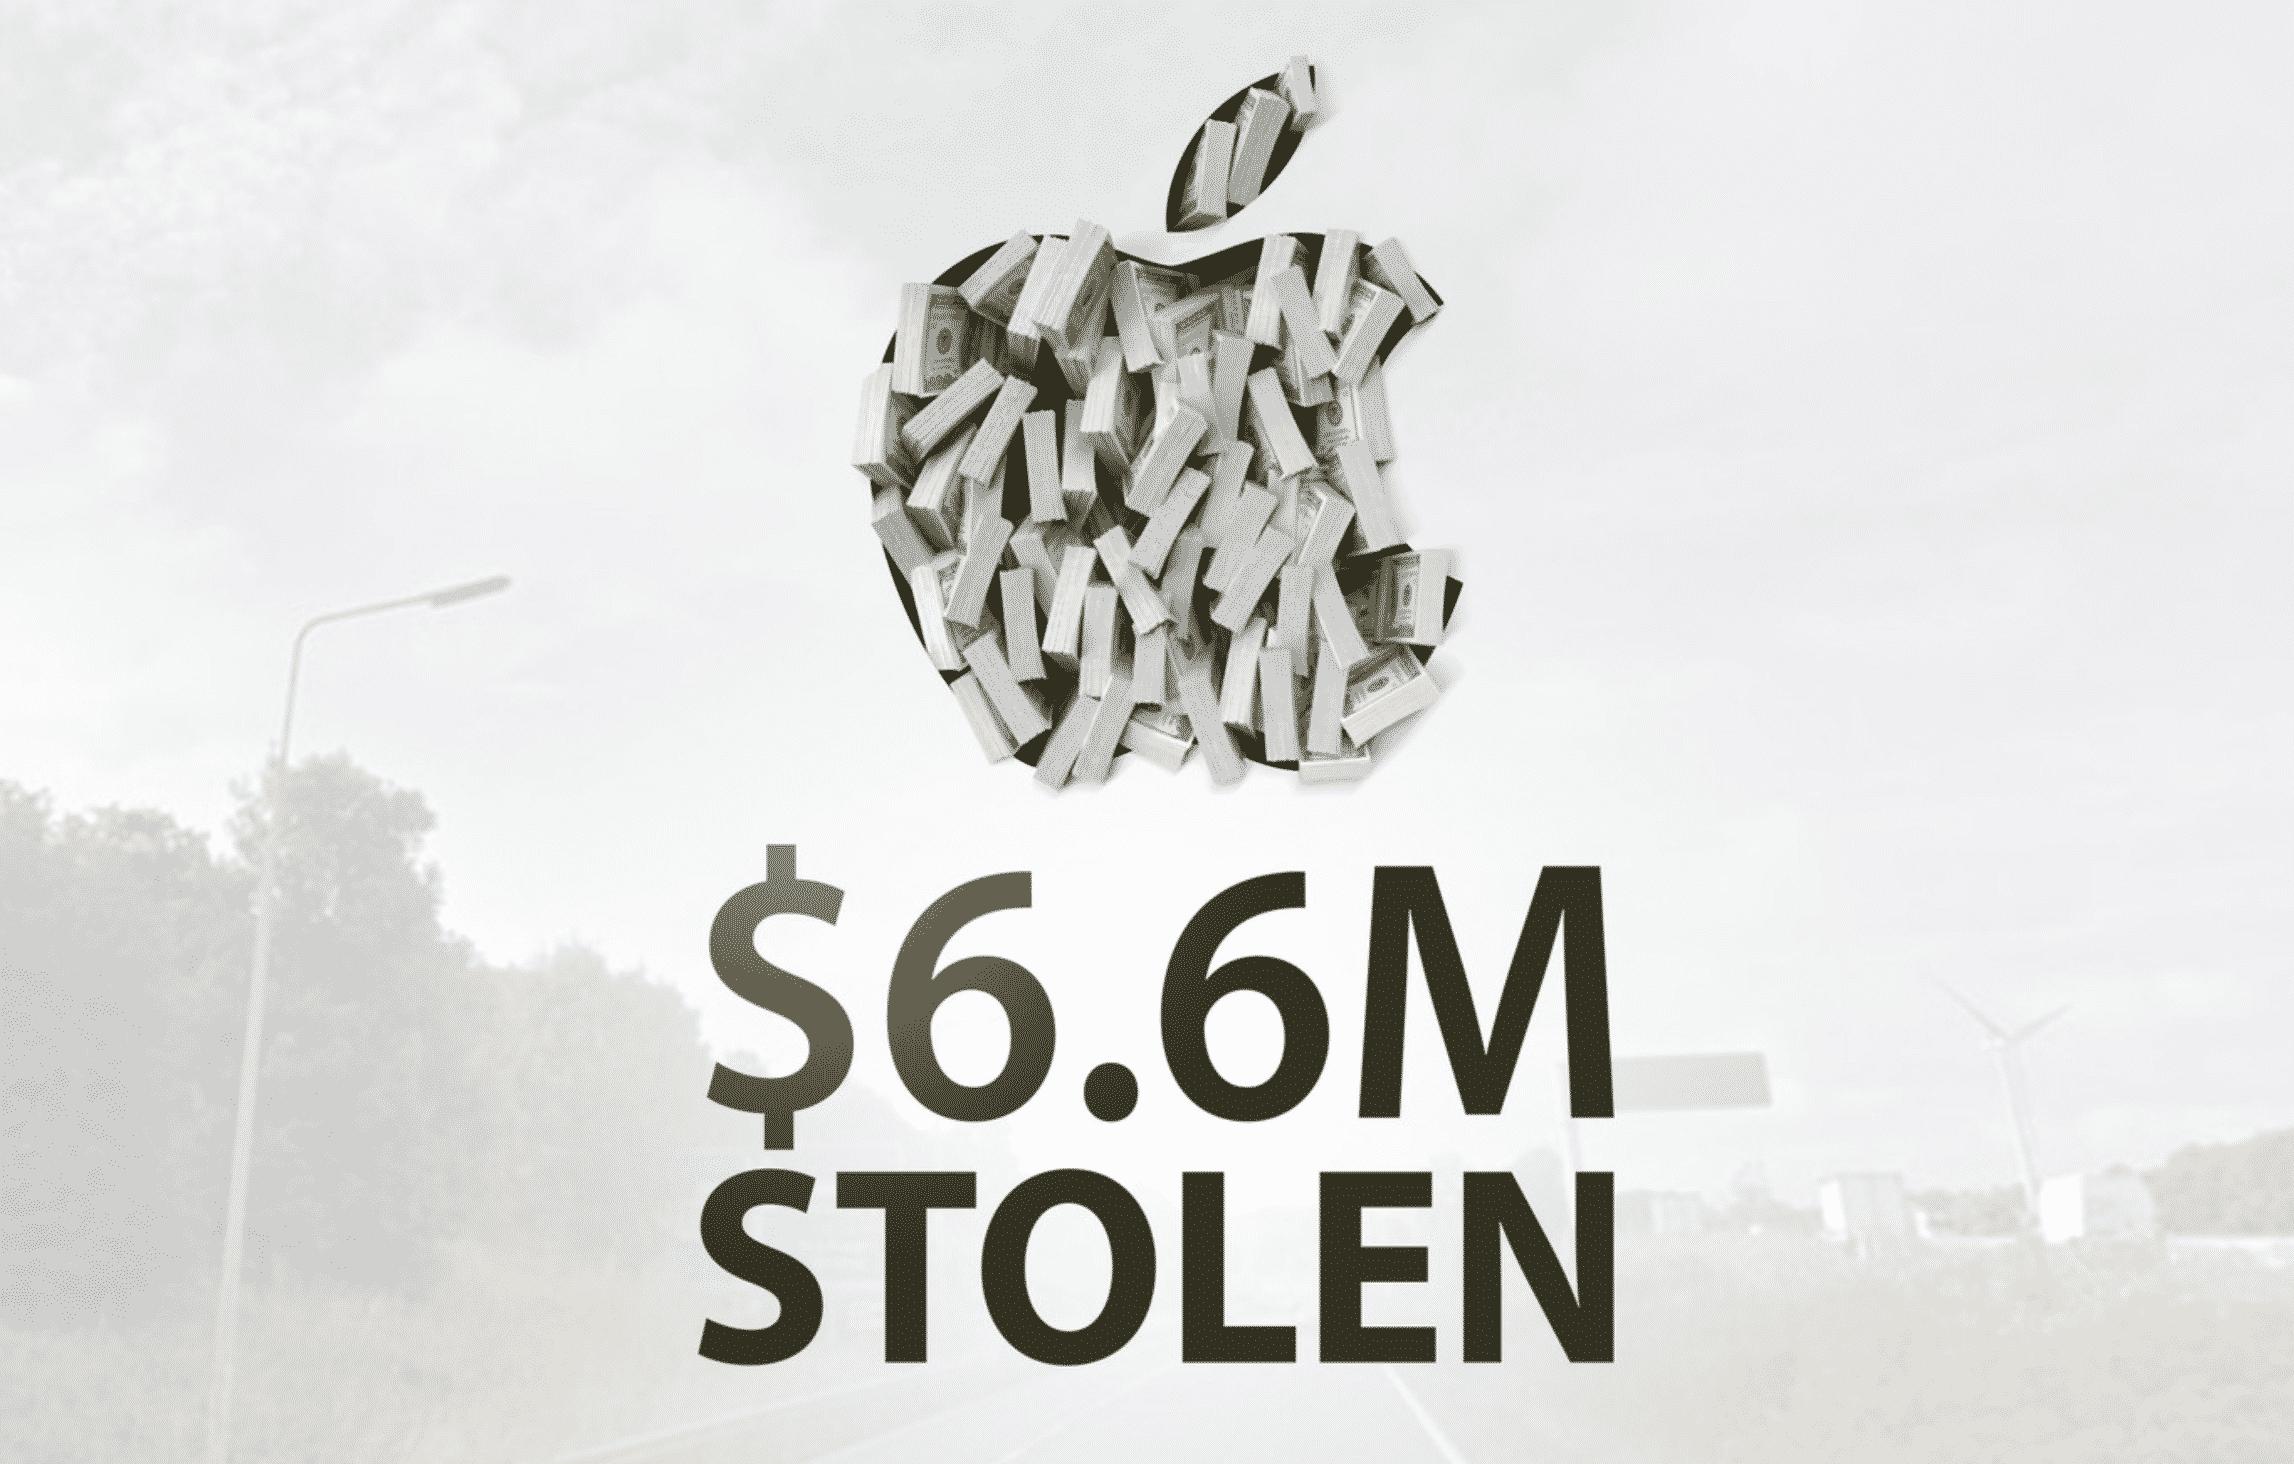 Apple Goods Stolen